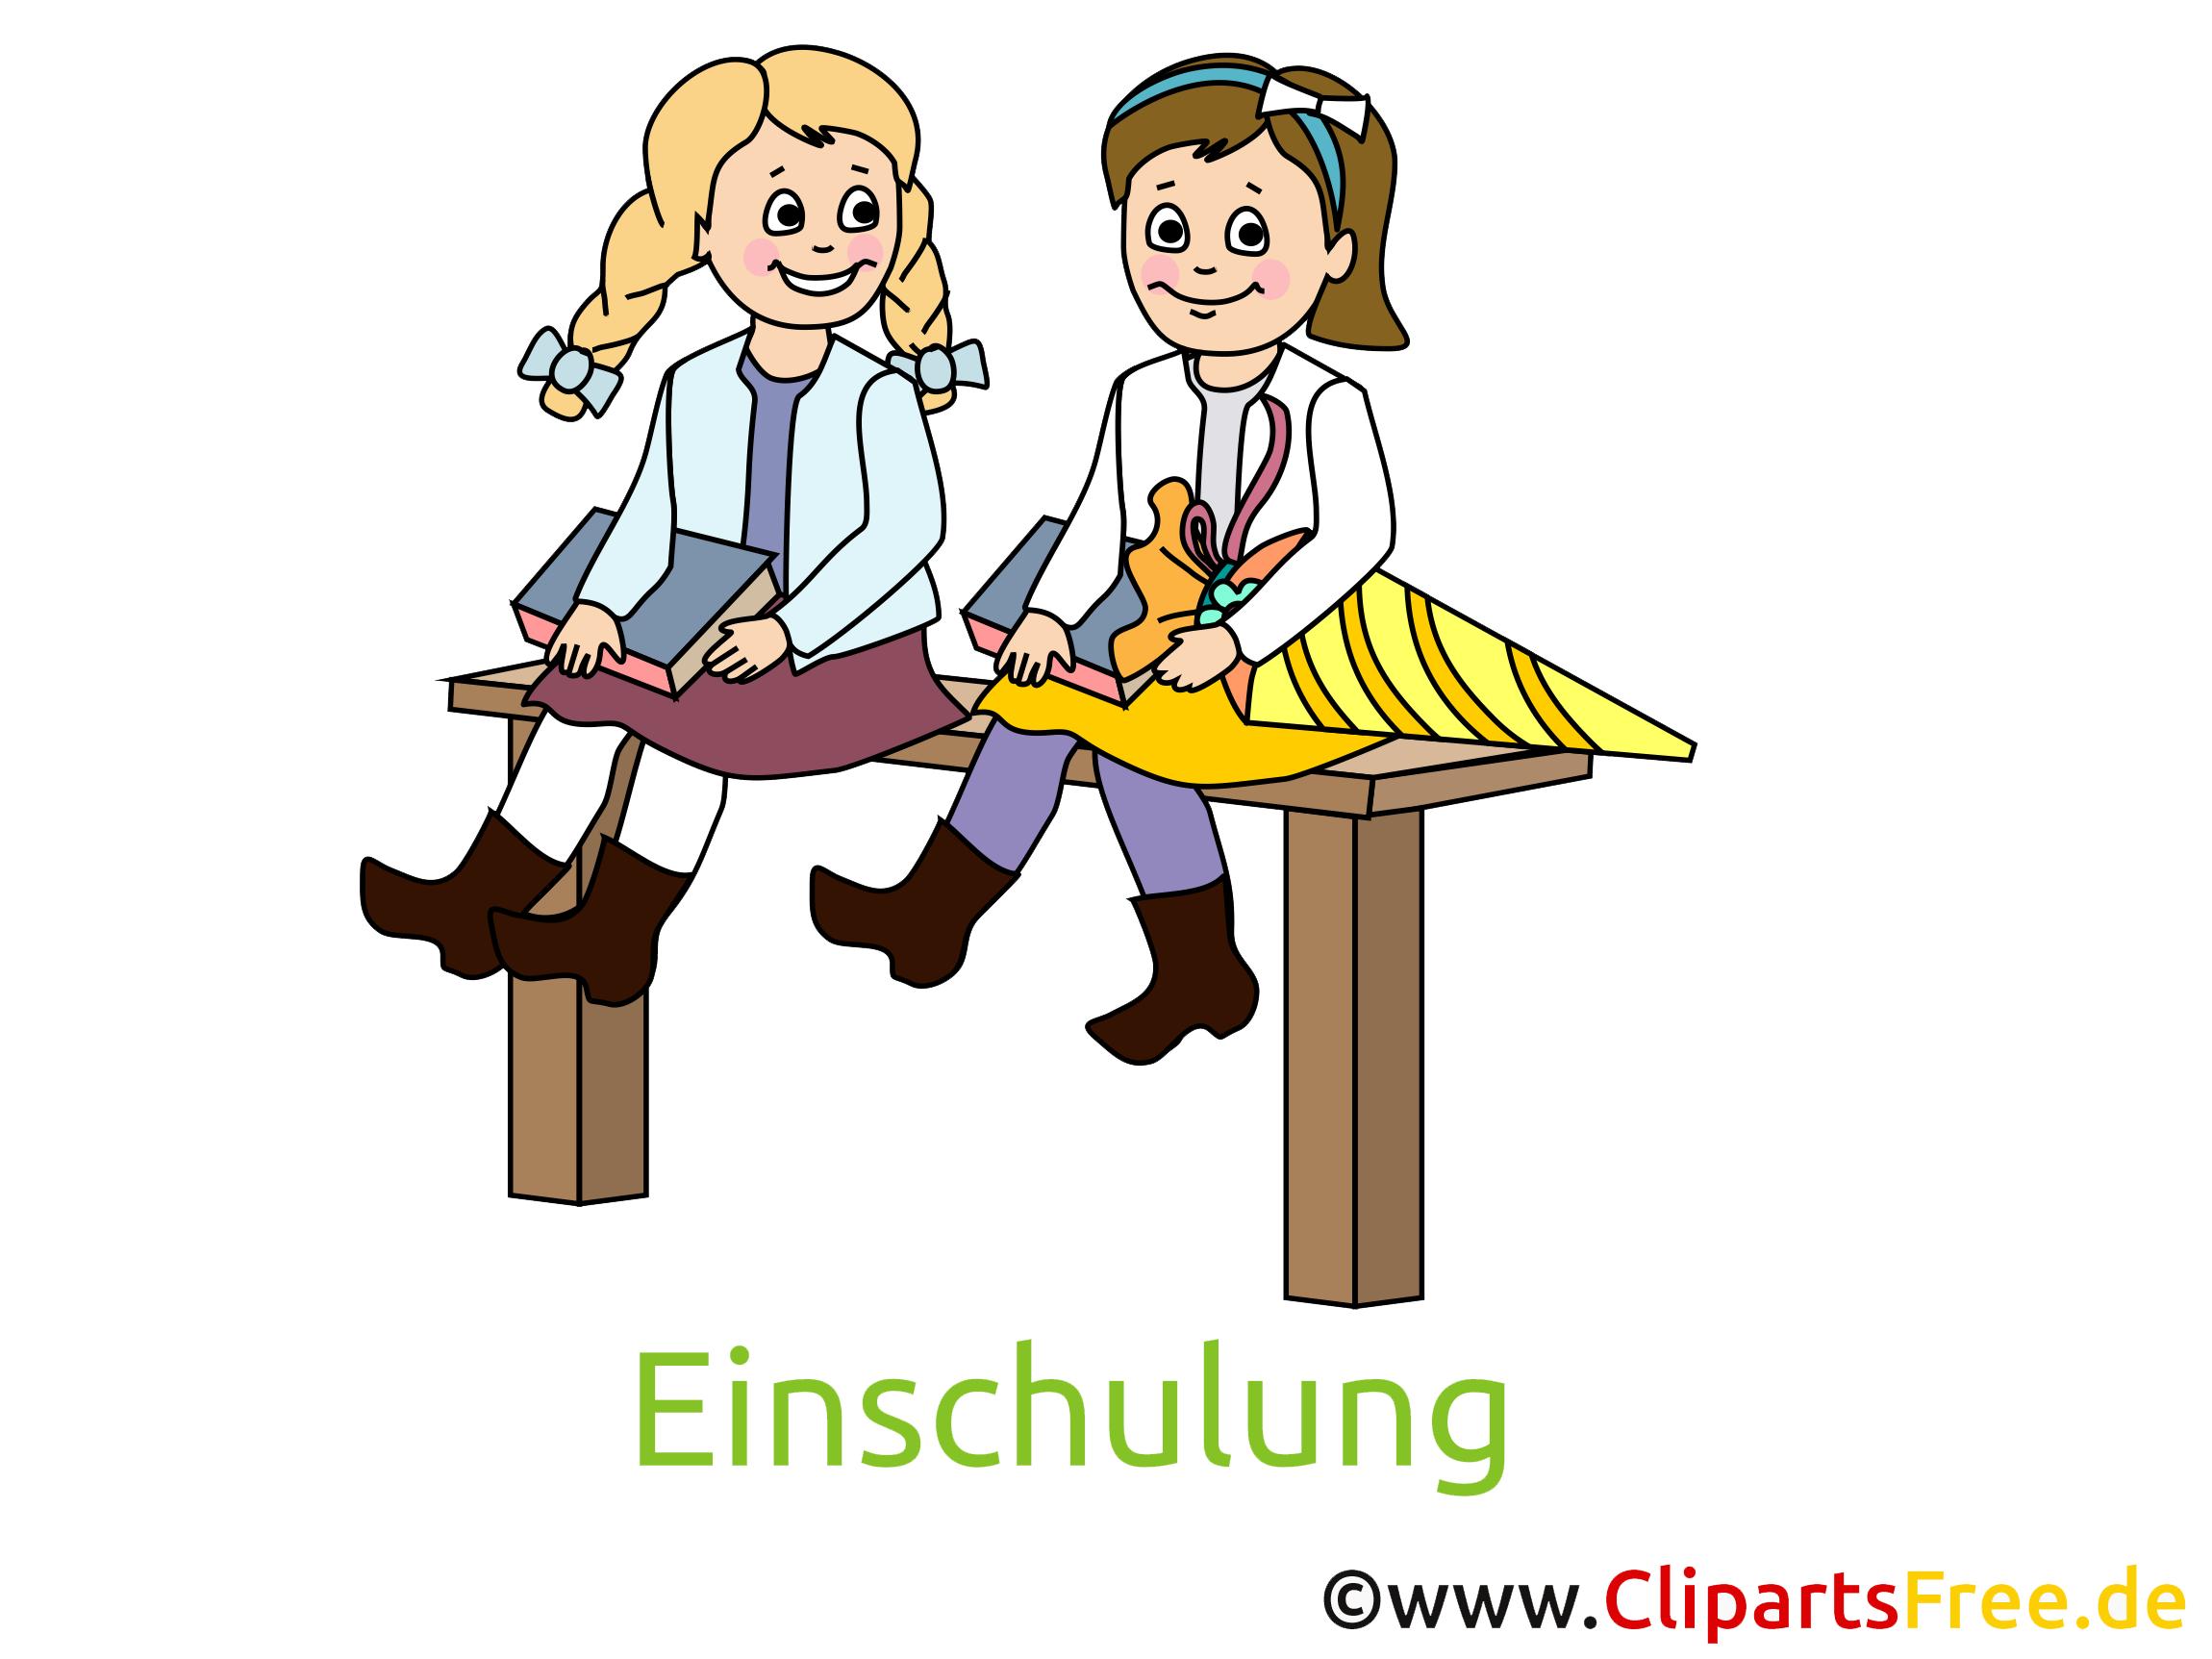 Schulkinder Bild, Clipart, Cartoon gratis